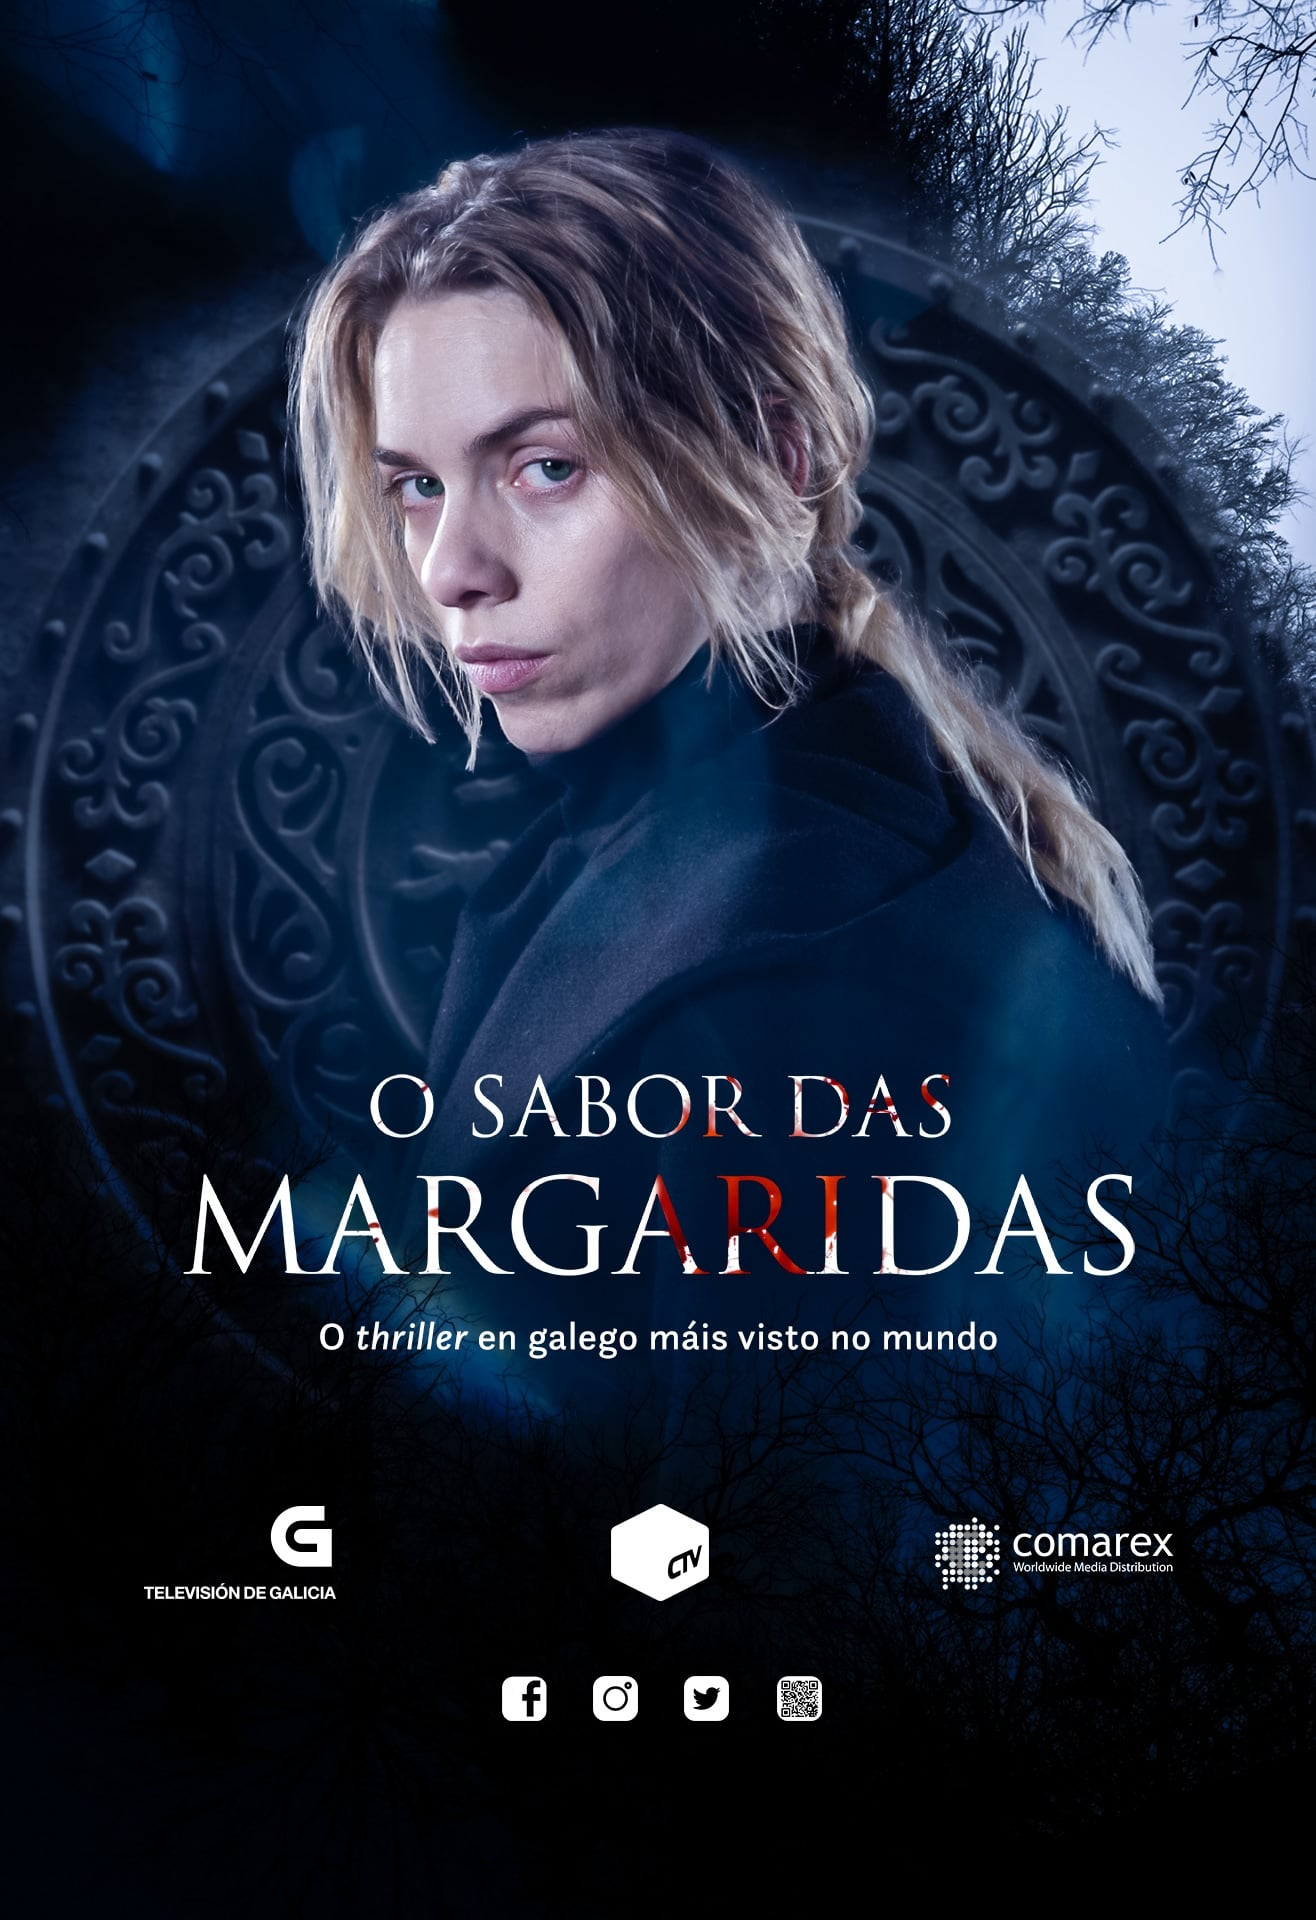 O Sabor Das Margaridas